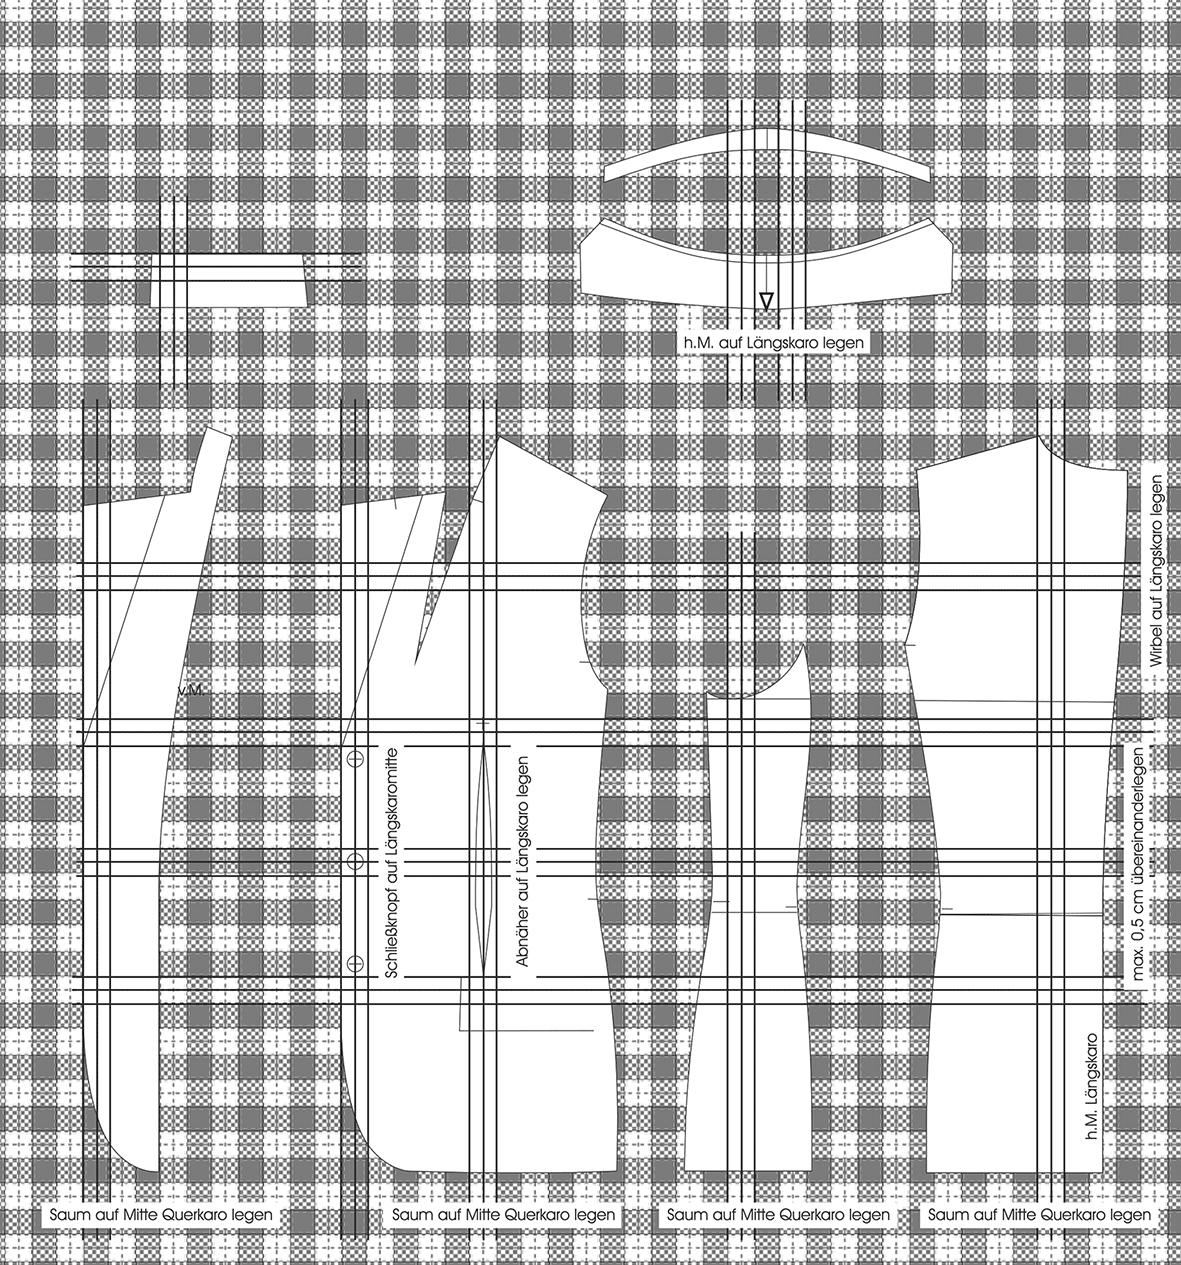 Zu sehen ist die Schnittgestaltung für Karomaterial. Die einzelnen Schnittteile sind abgebildet.